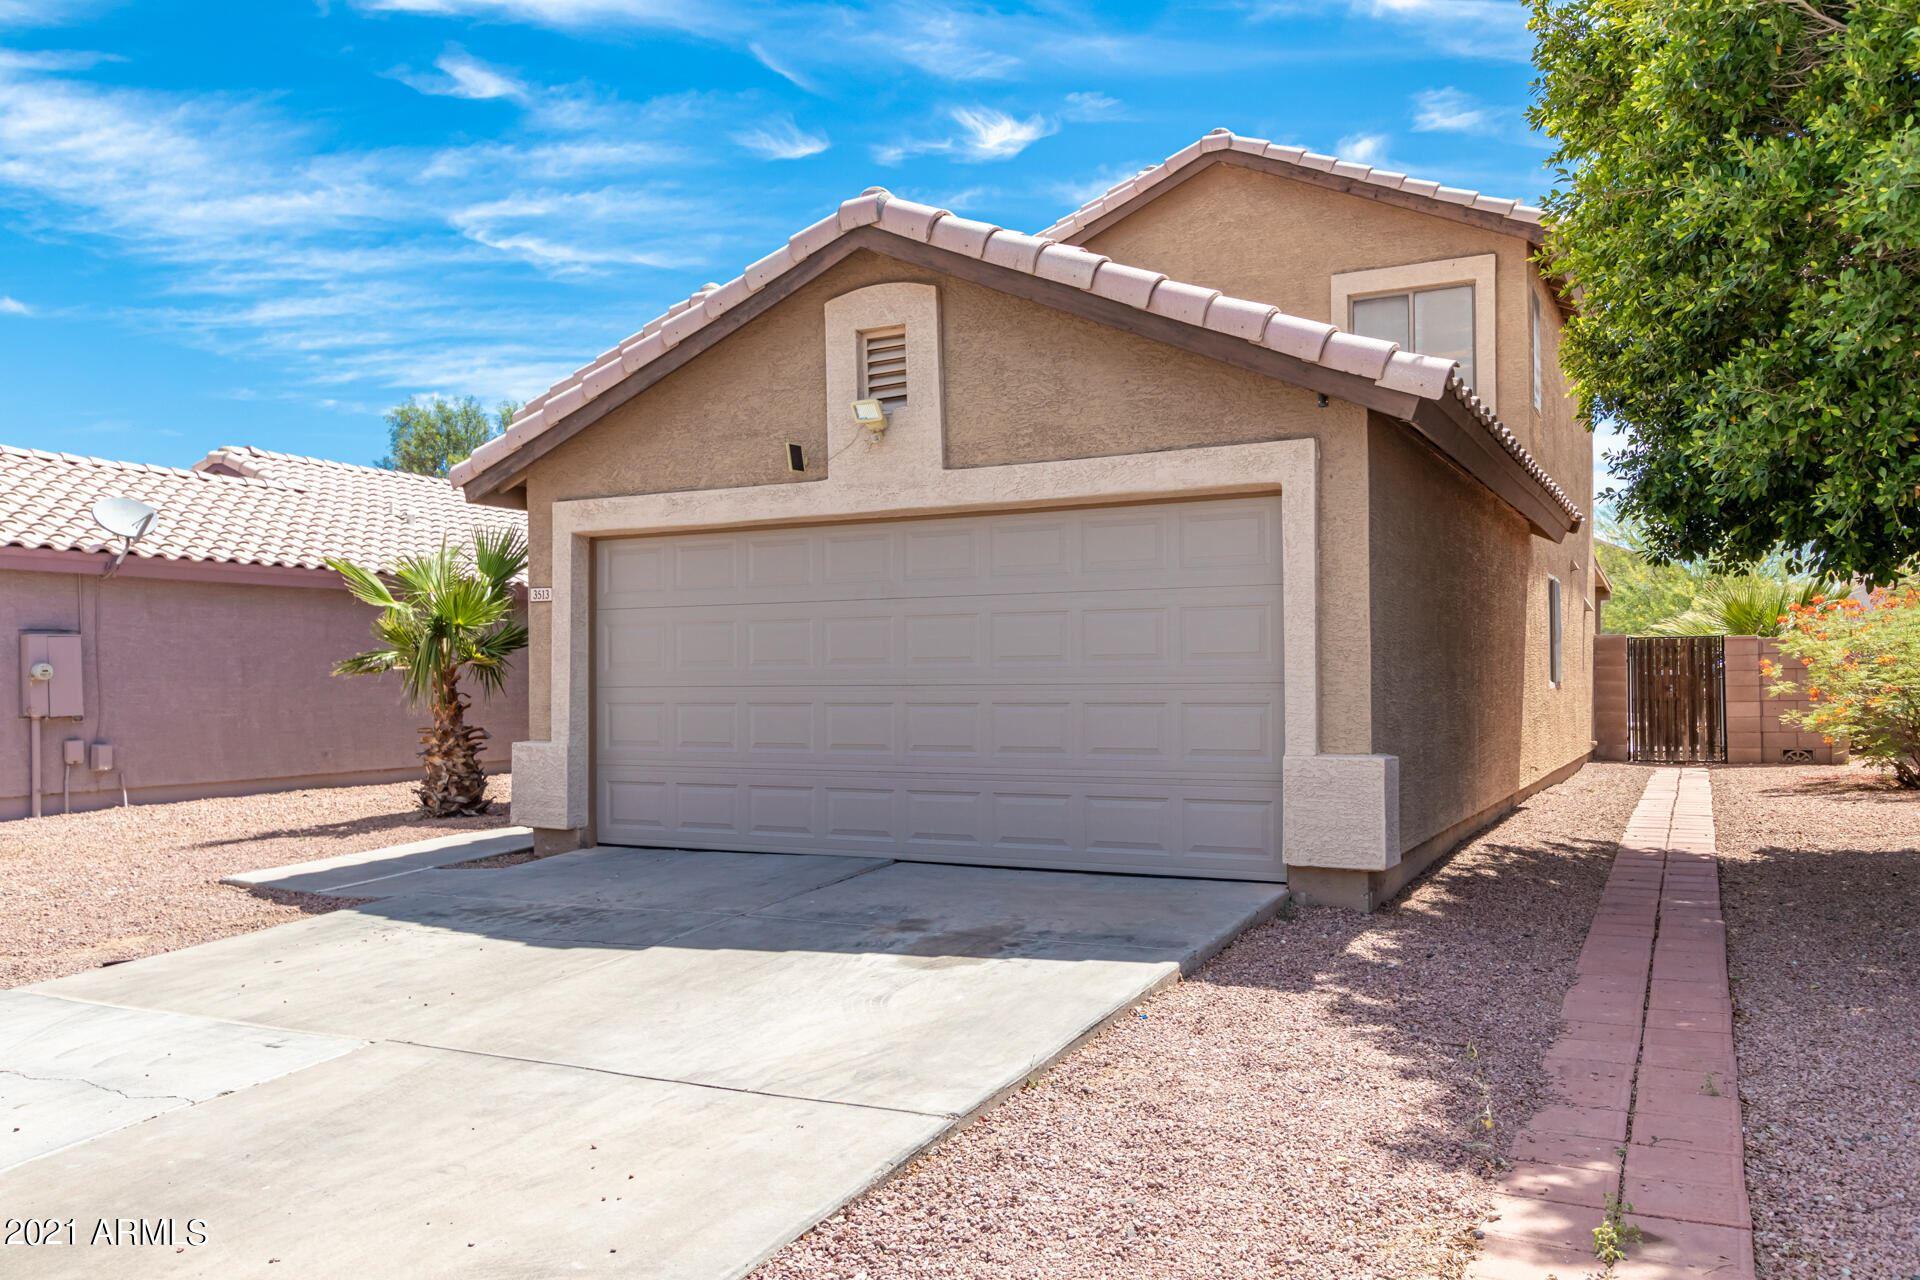 Photo of 3513 N 106TH Drive, Avondale, AZ 85392 (MLS # 6244635)